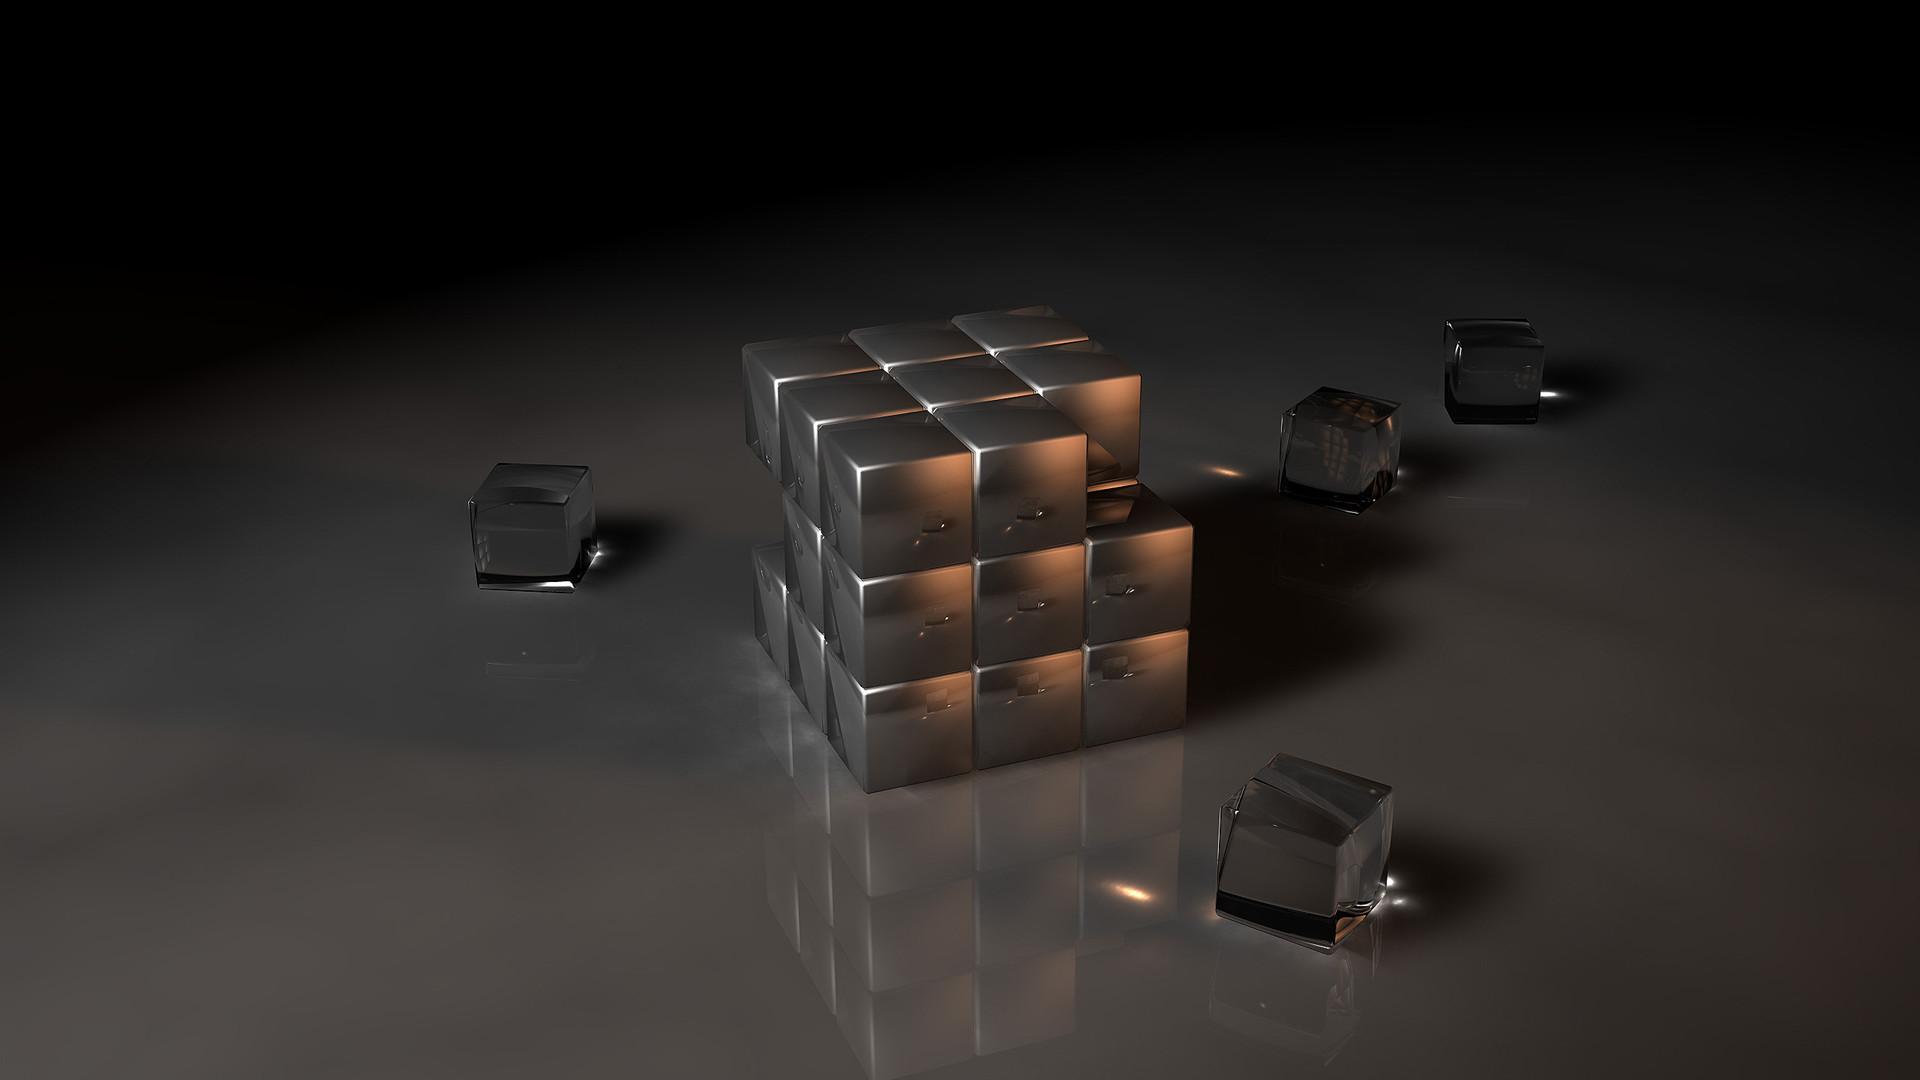 1080 Wallpapers, Full HD Wallpapers 1080p, 17773_3d_3d_cubes.jpg .